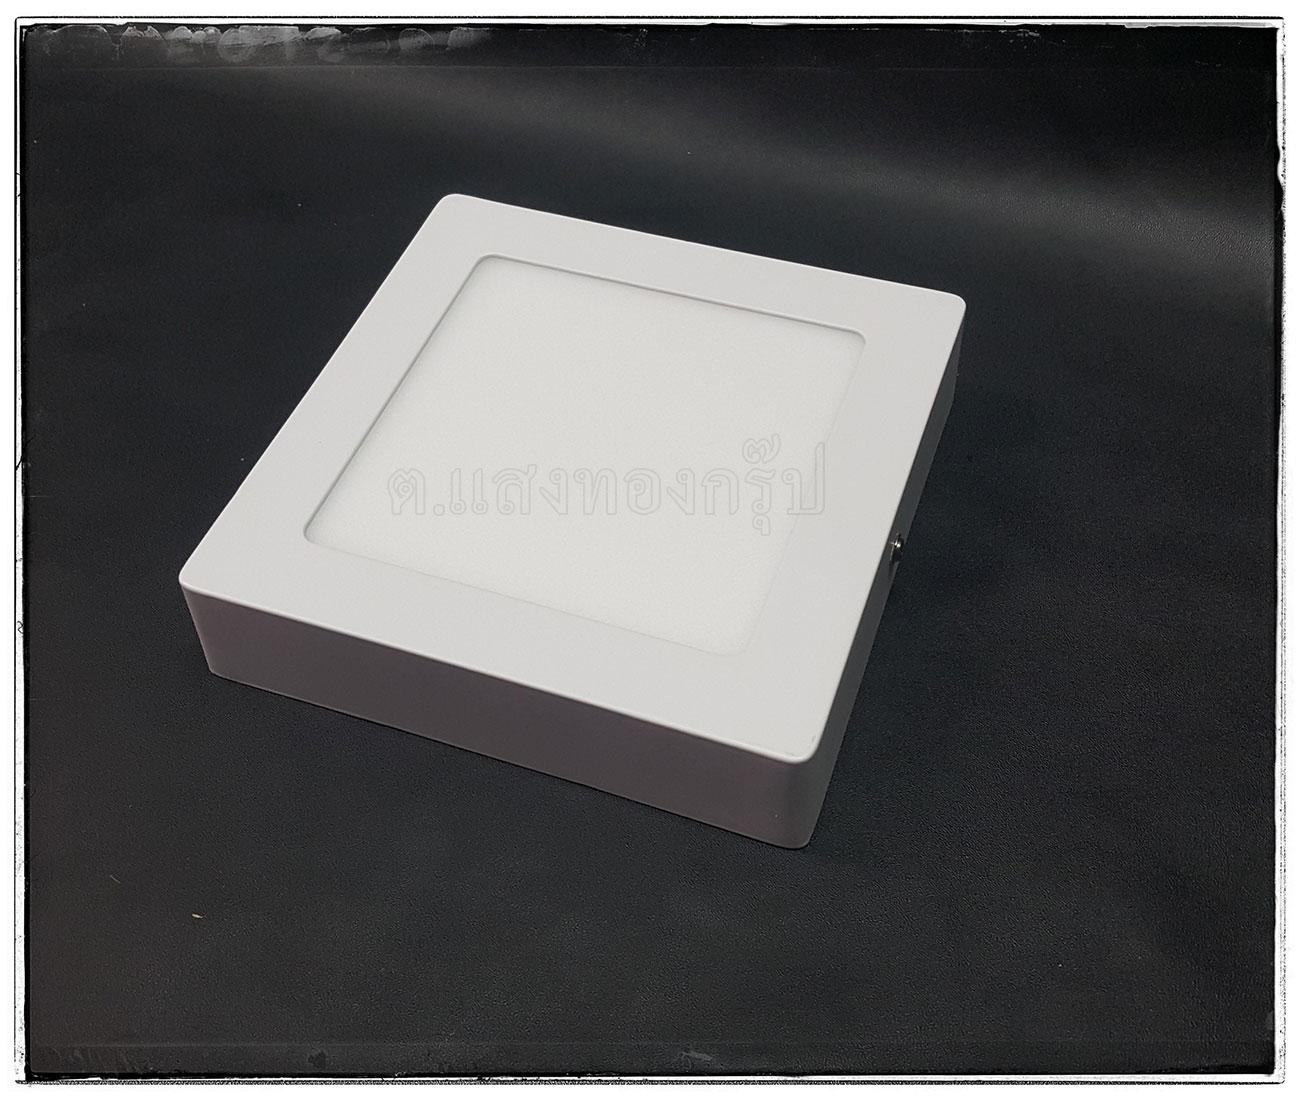 โคมติดเพดานแบบลอย LED ขนาด 172x172x25 มม.